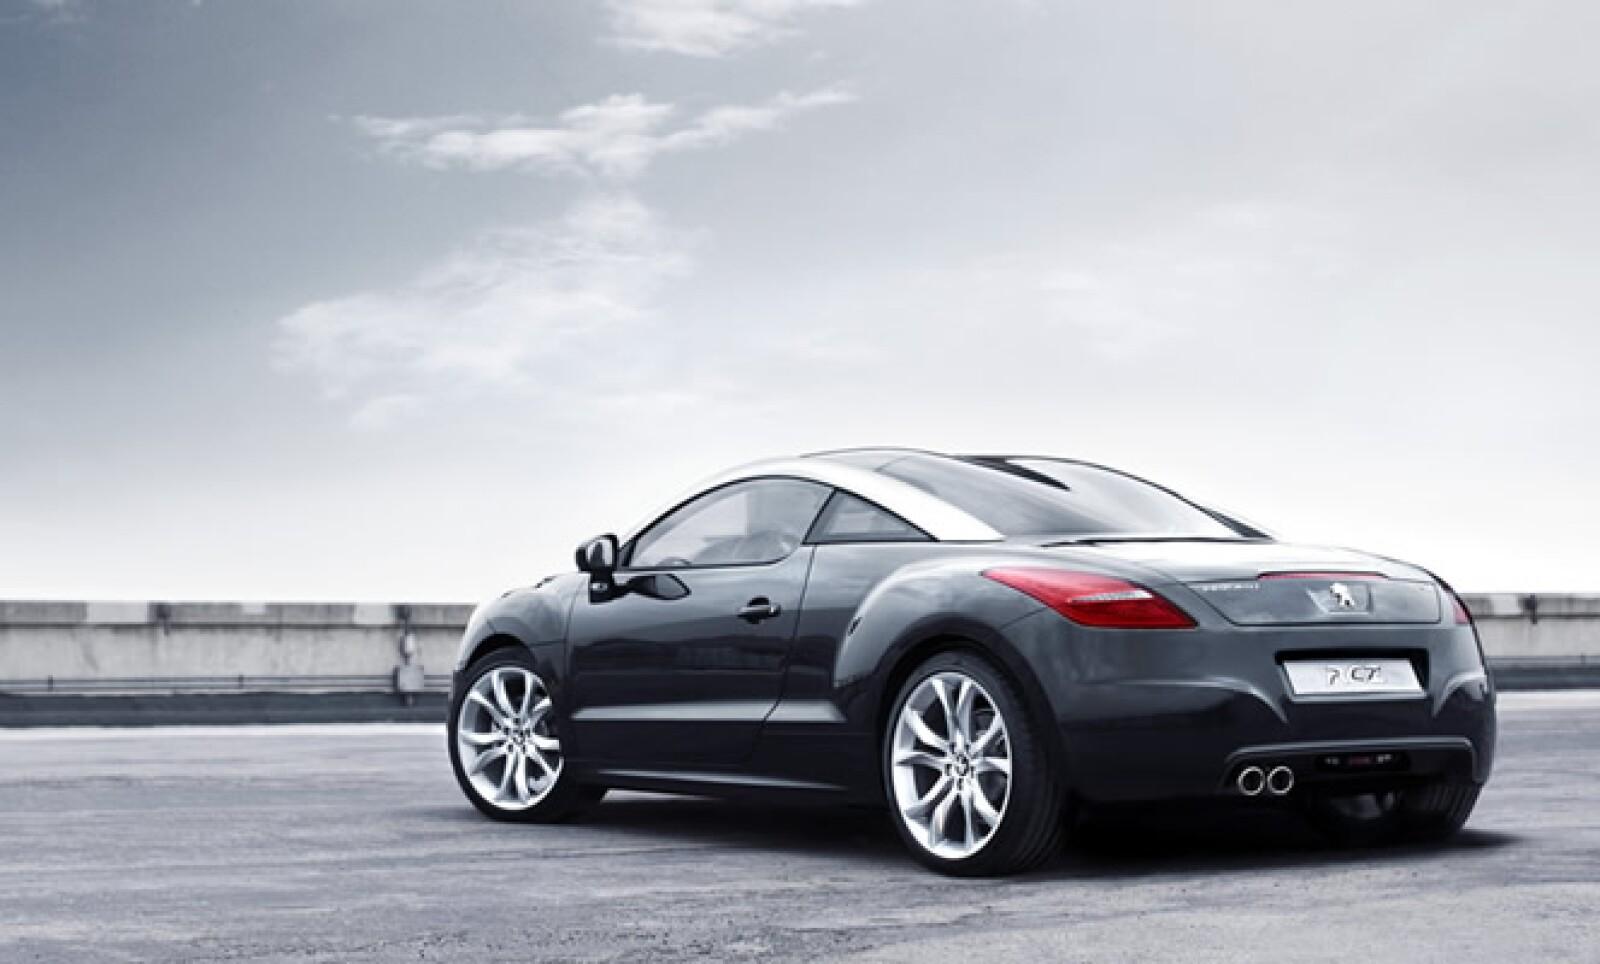 En Europa se comercializará una versión híbrida de este vehículo, con emisiones de 165g/km de bióxido de carbono.